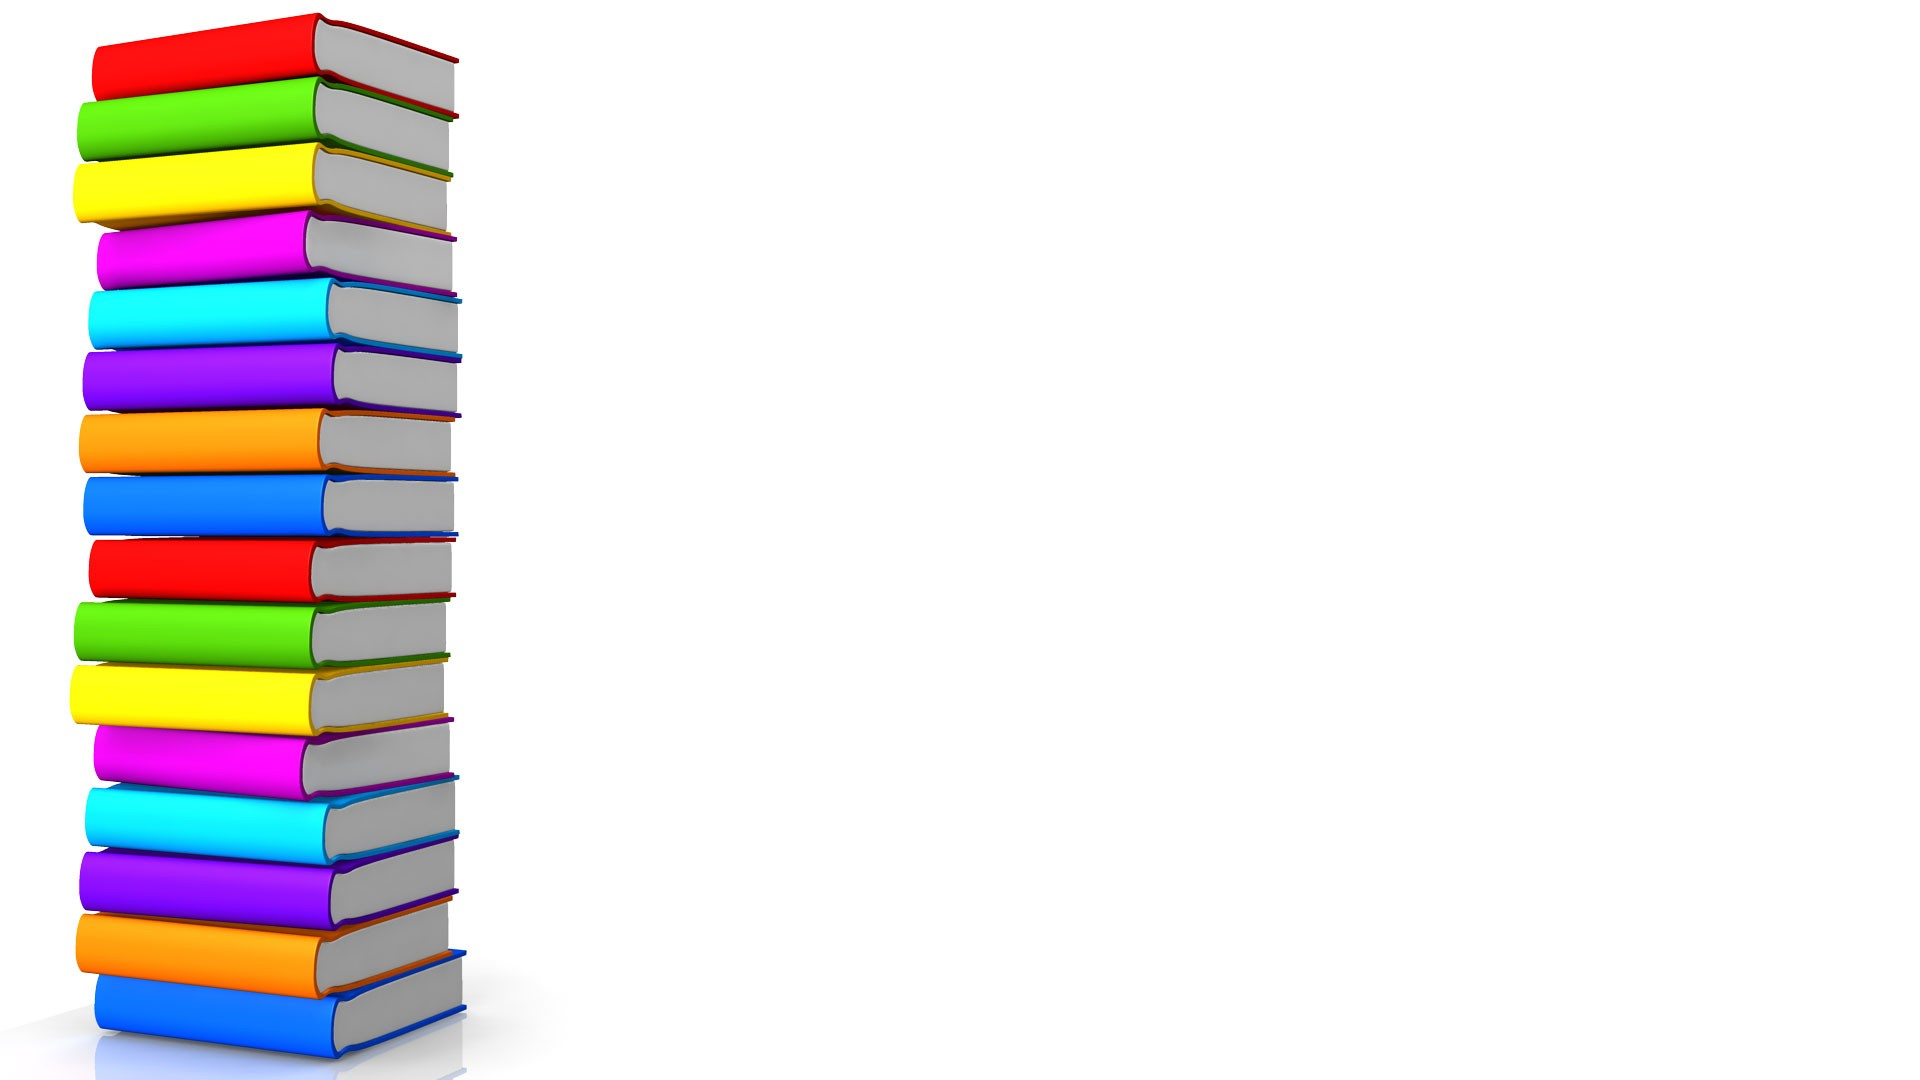 Books clipart boarder. Free book border download